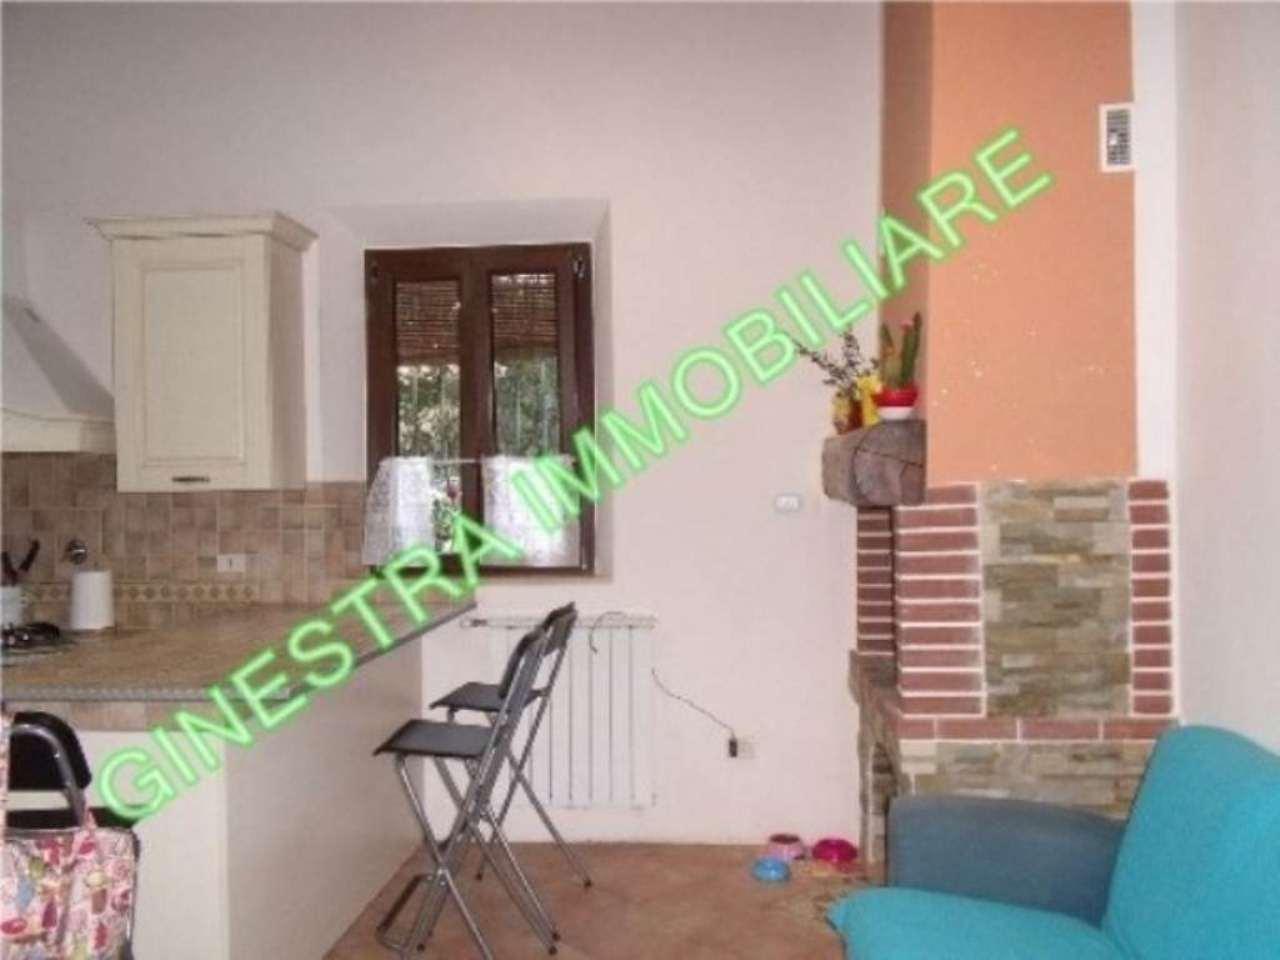 Rustico / Casale in vendita a Montespertoli, 3 locali, prezzo € 210.000   CambioCasa.it